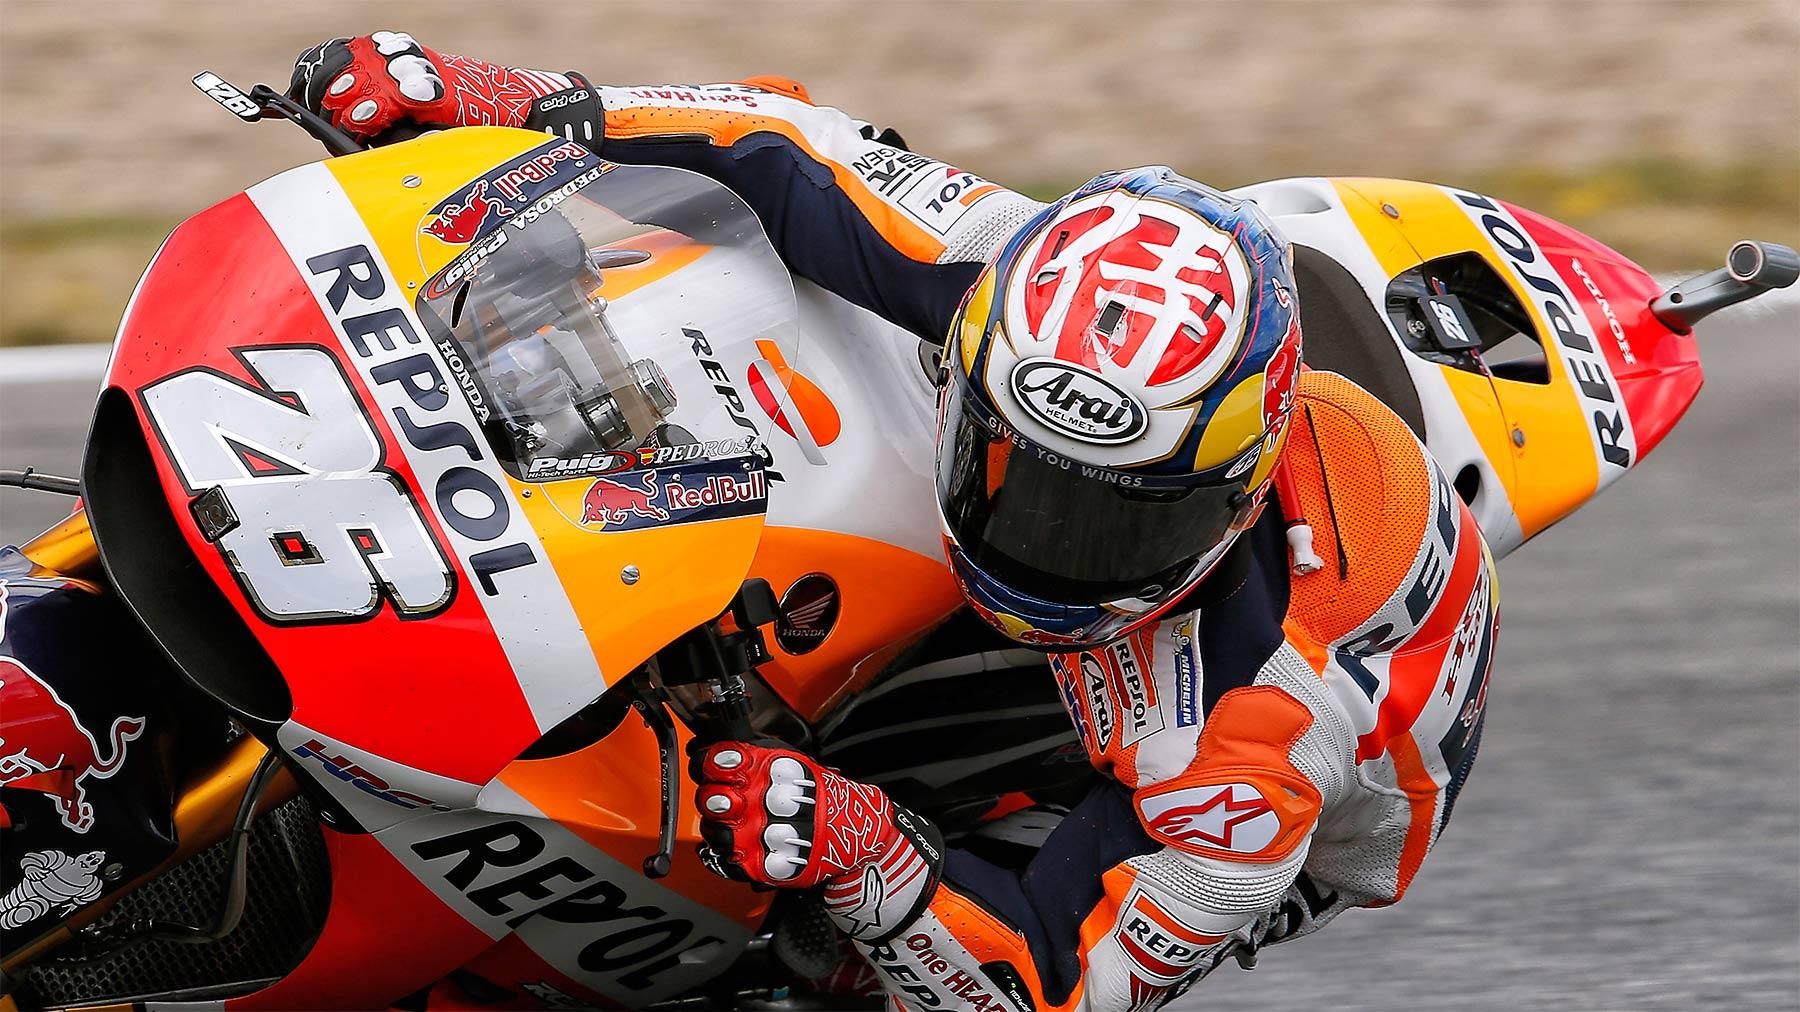 MotoGP: Dani Pedrosa se reivindica y logra la pole position en Jerez